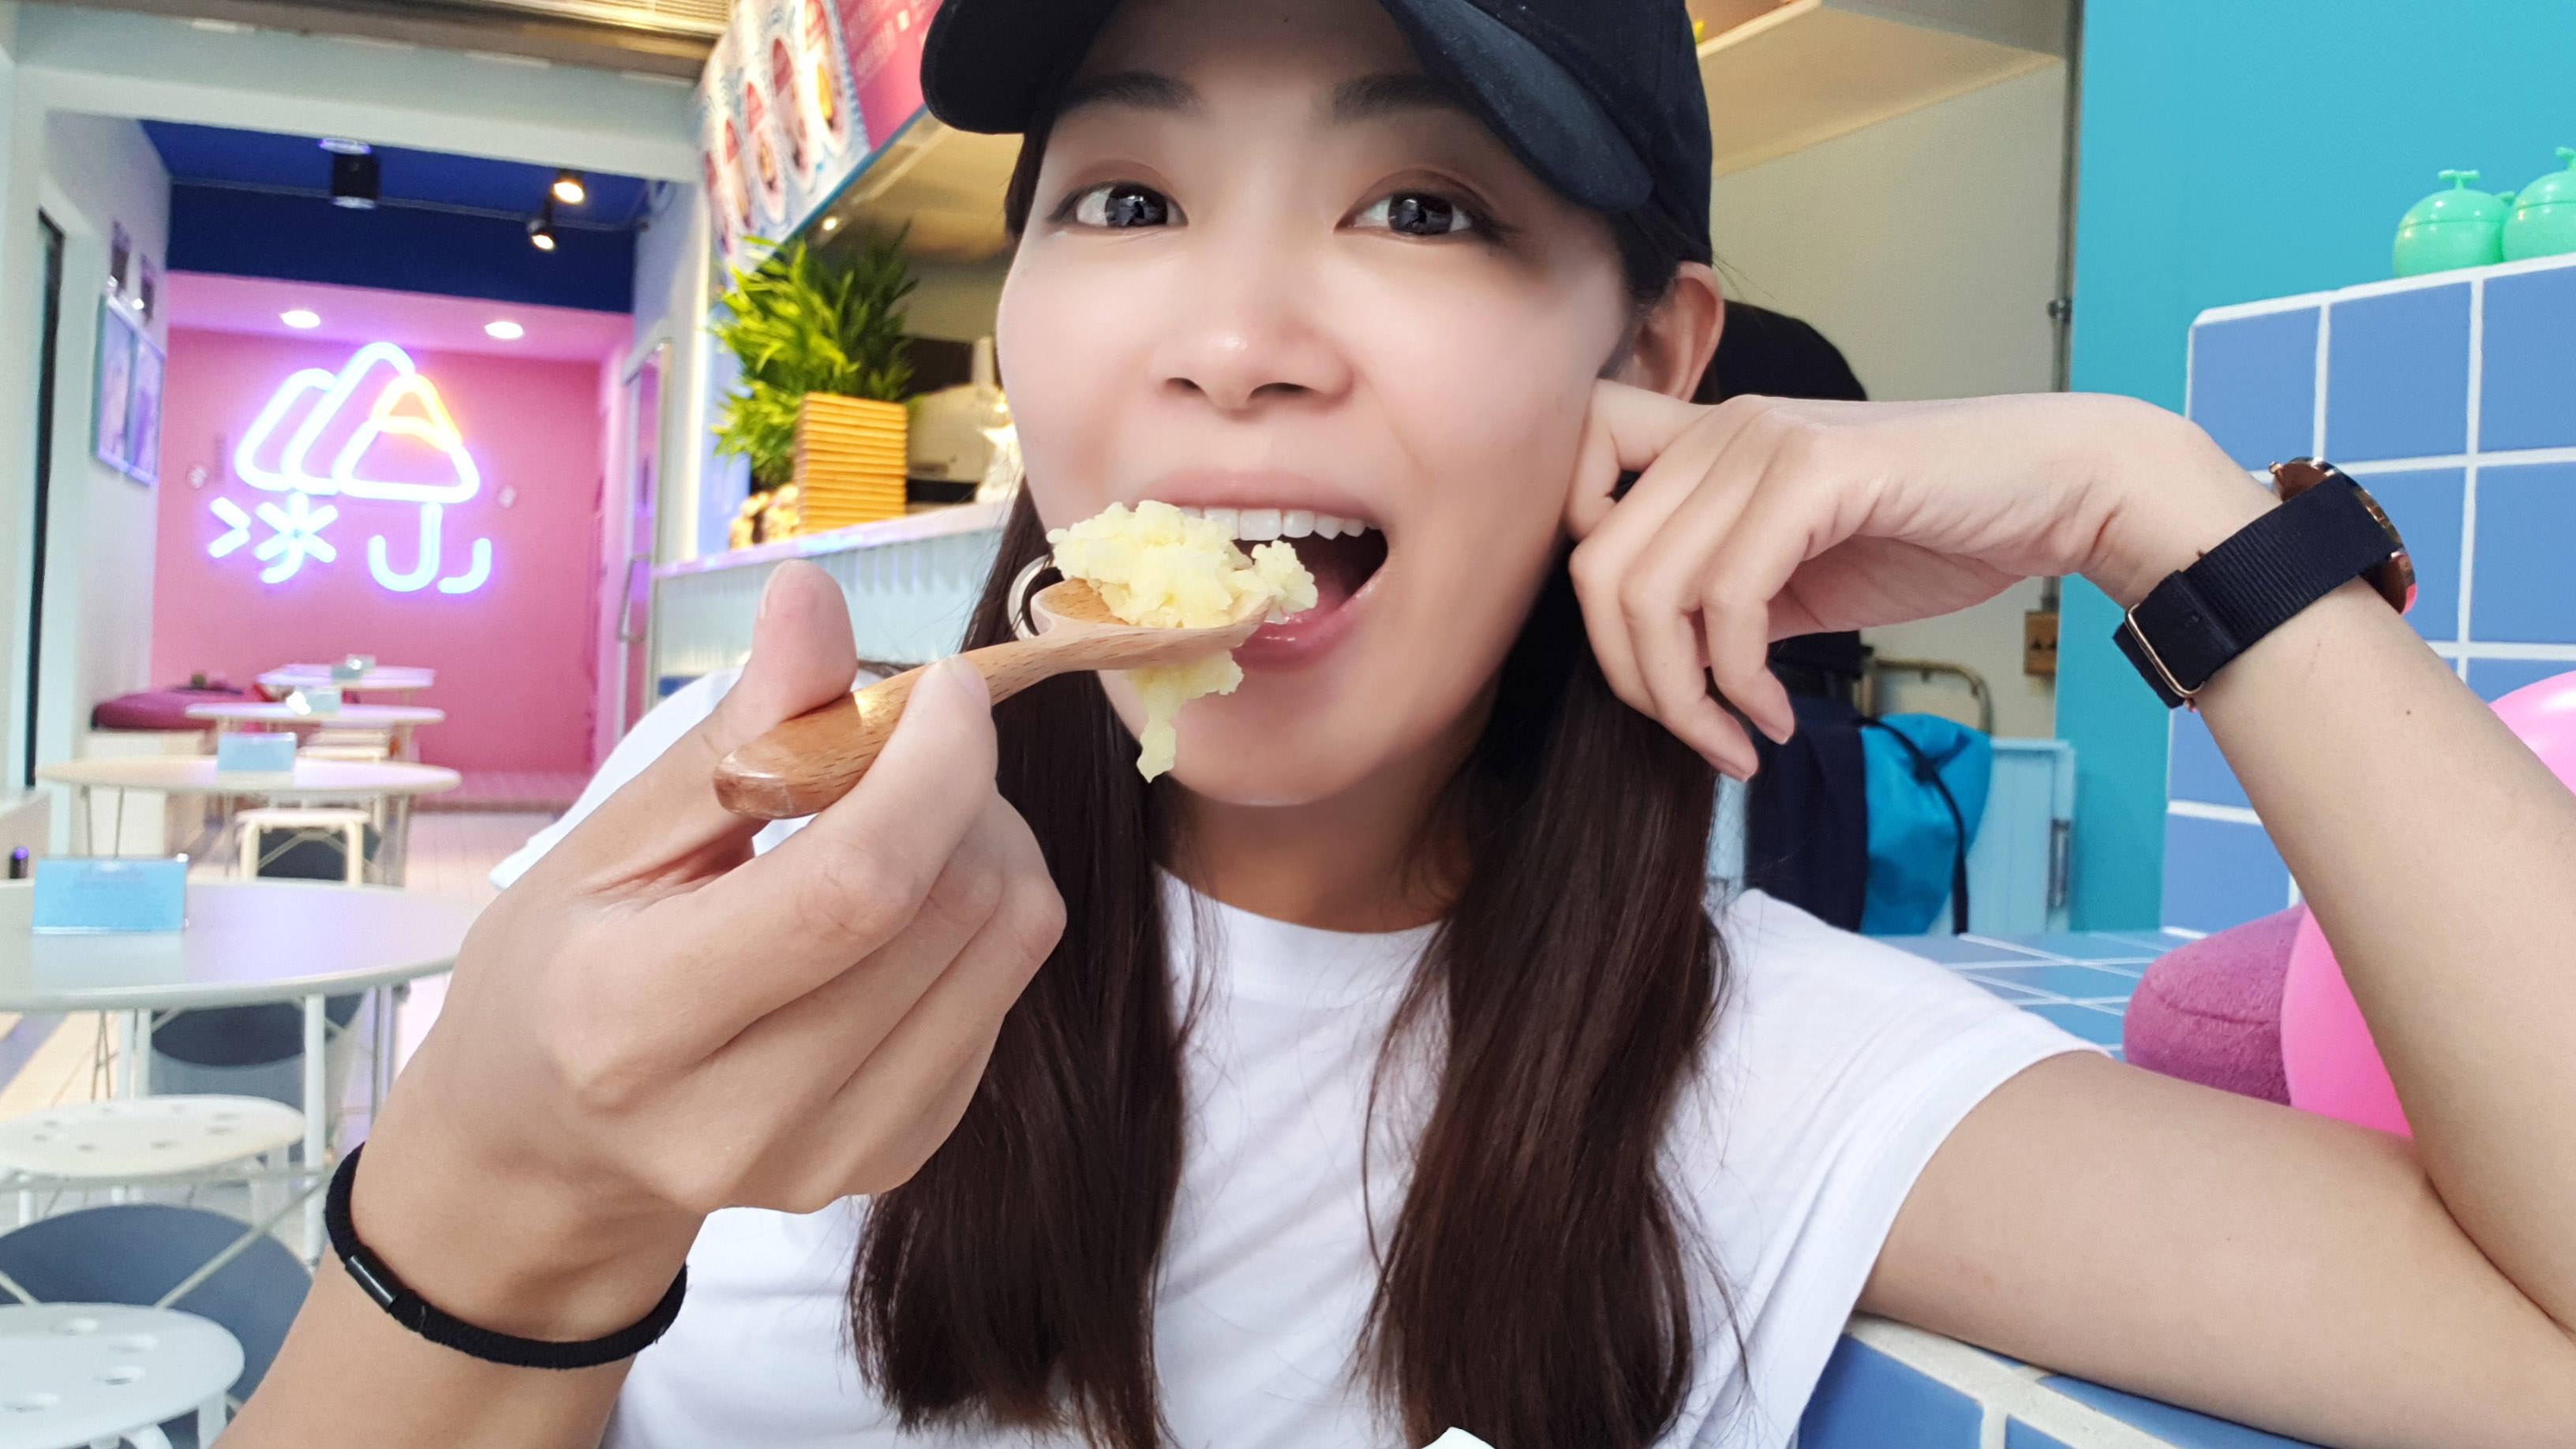 台北美食|松江南京冰火美食一次吃!超道地泰式老麵攤+網美冰店冰山